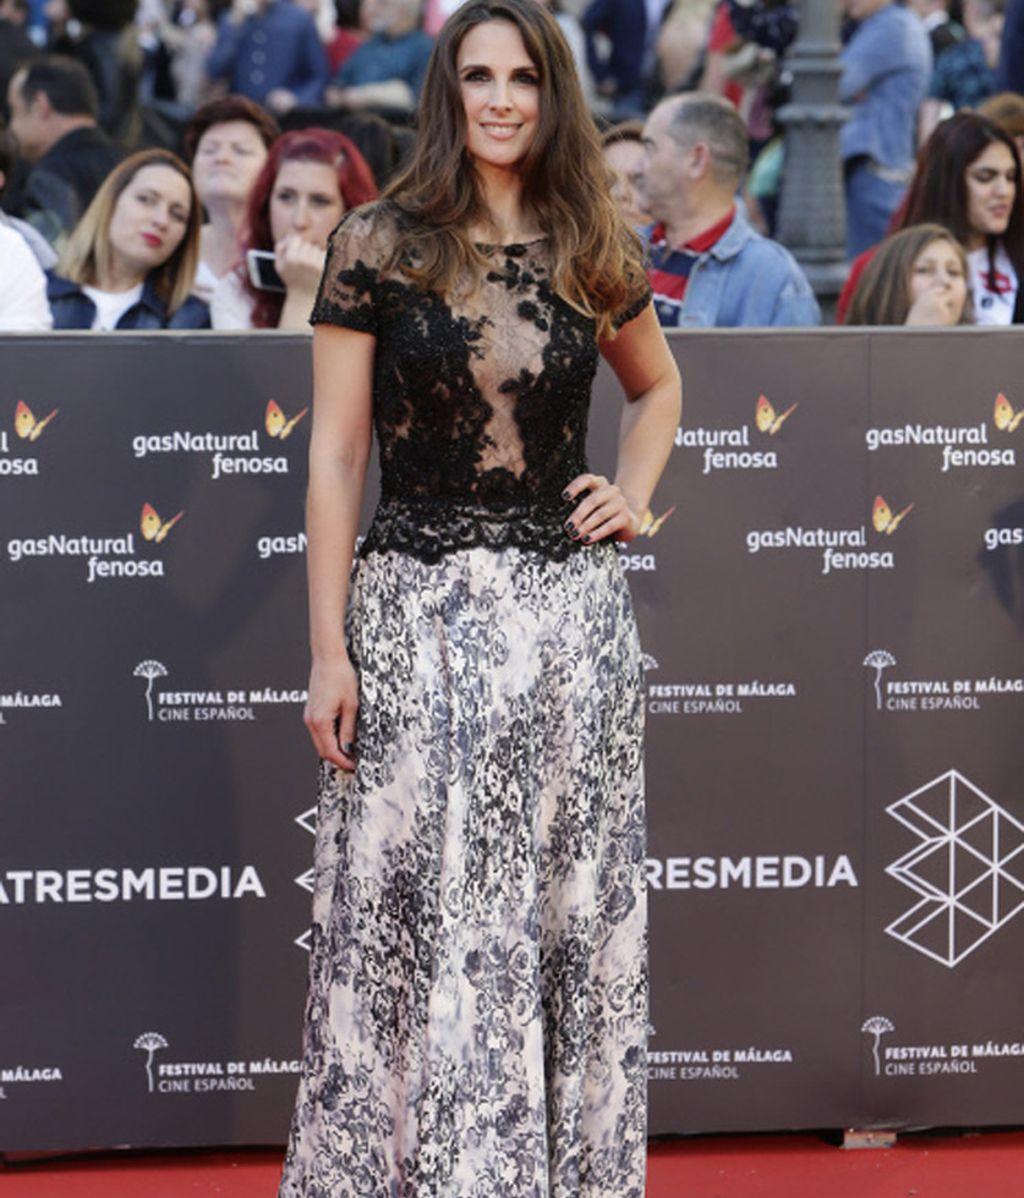 La cantante Nuria Fergó se atreve con los estampados en el Festival de Málaga